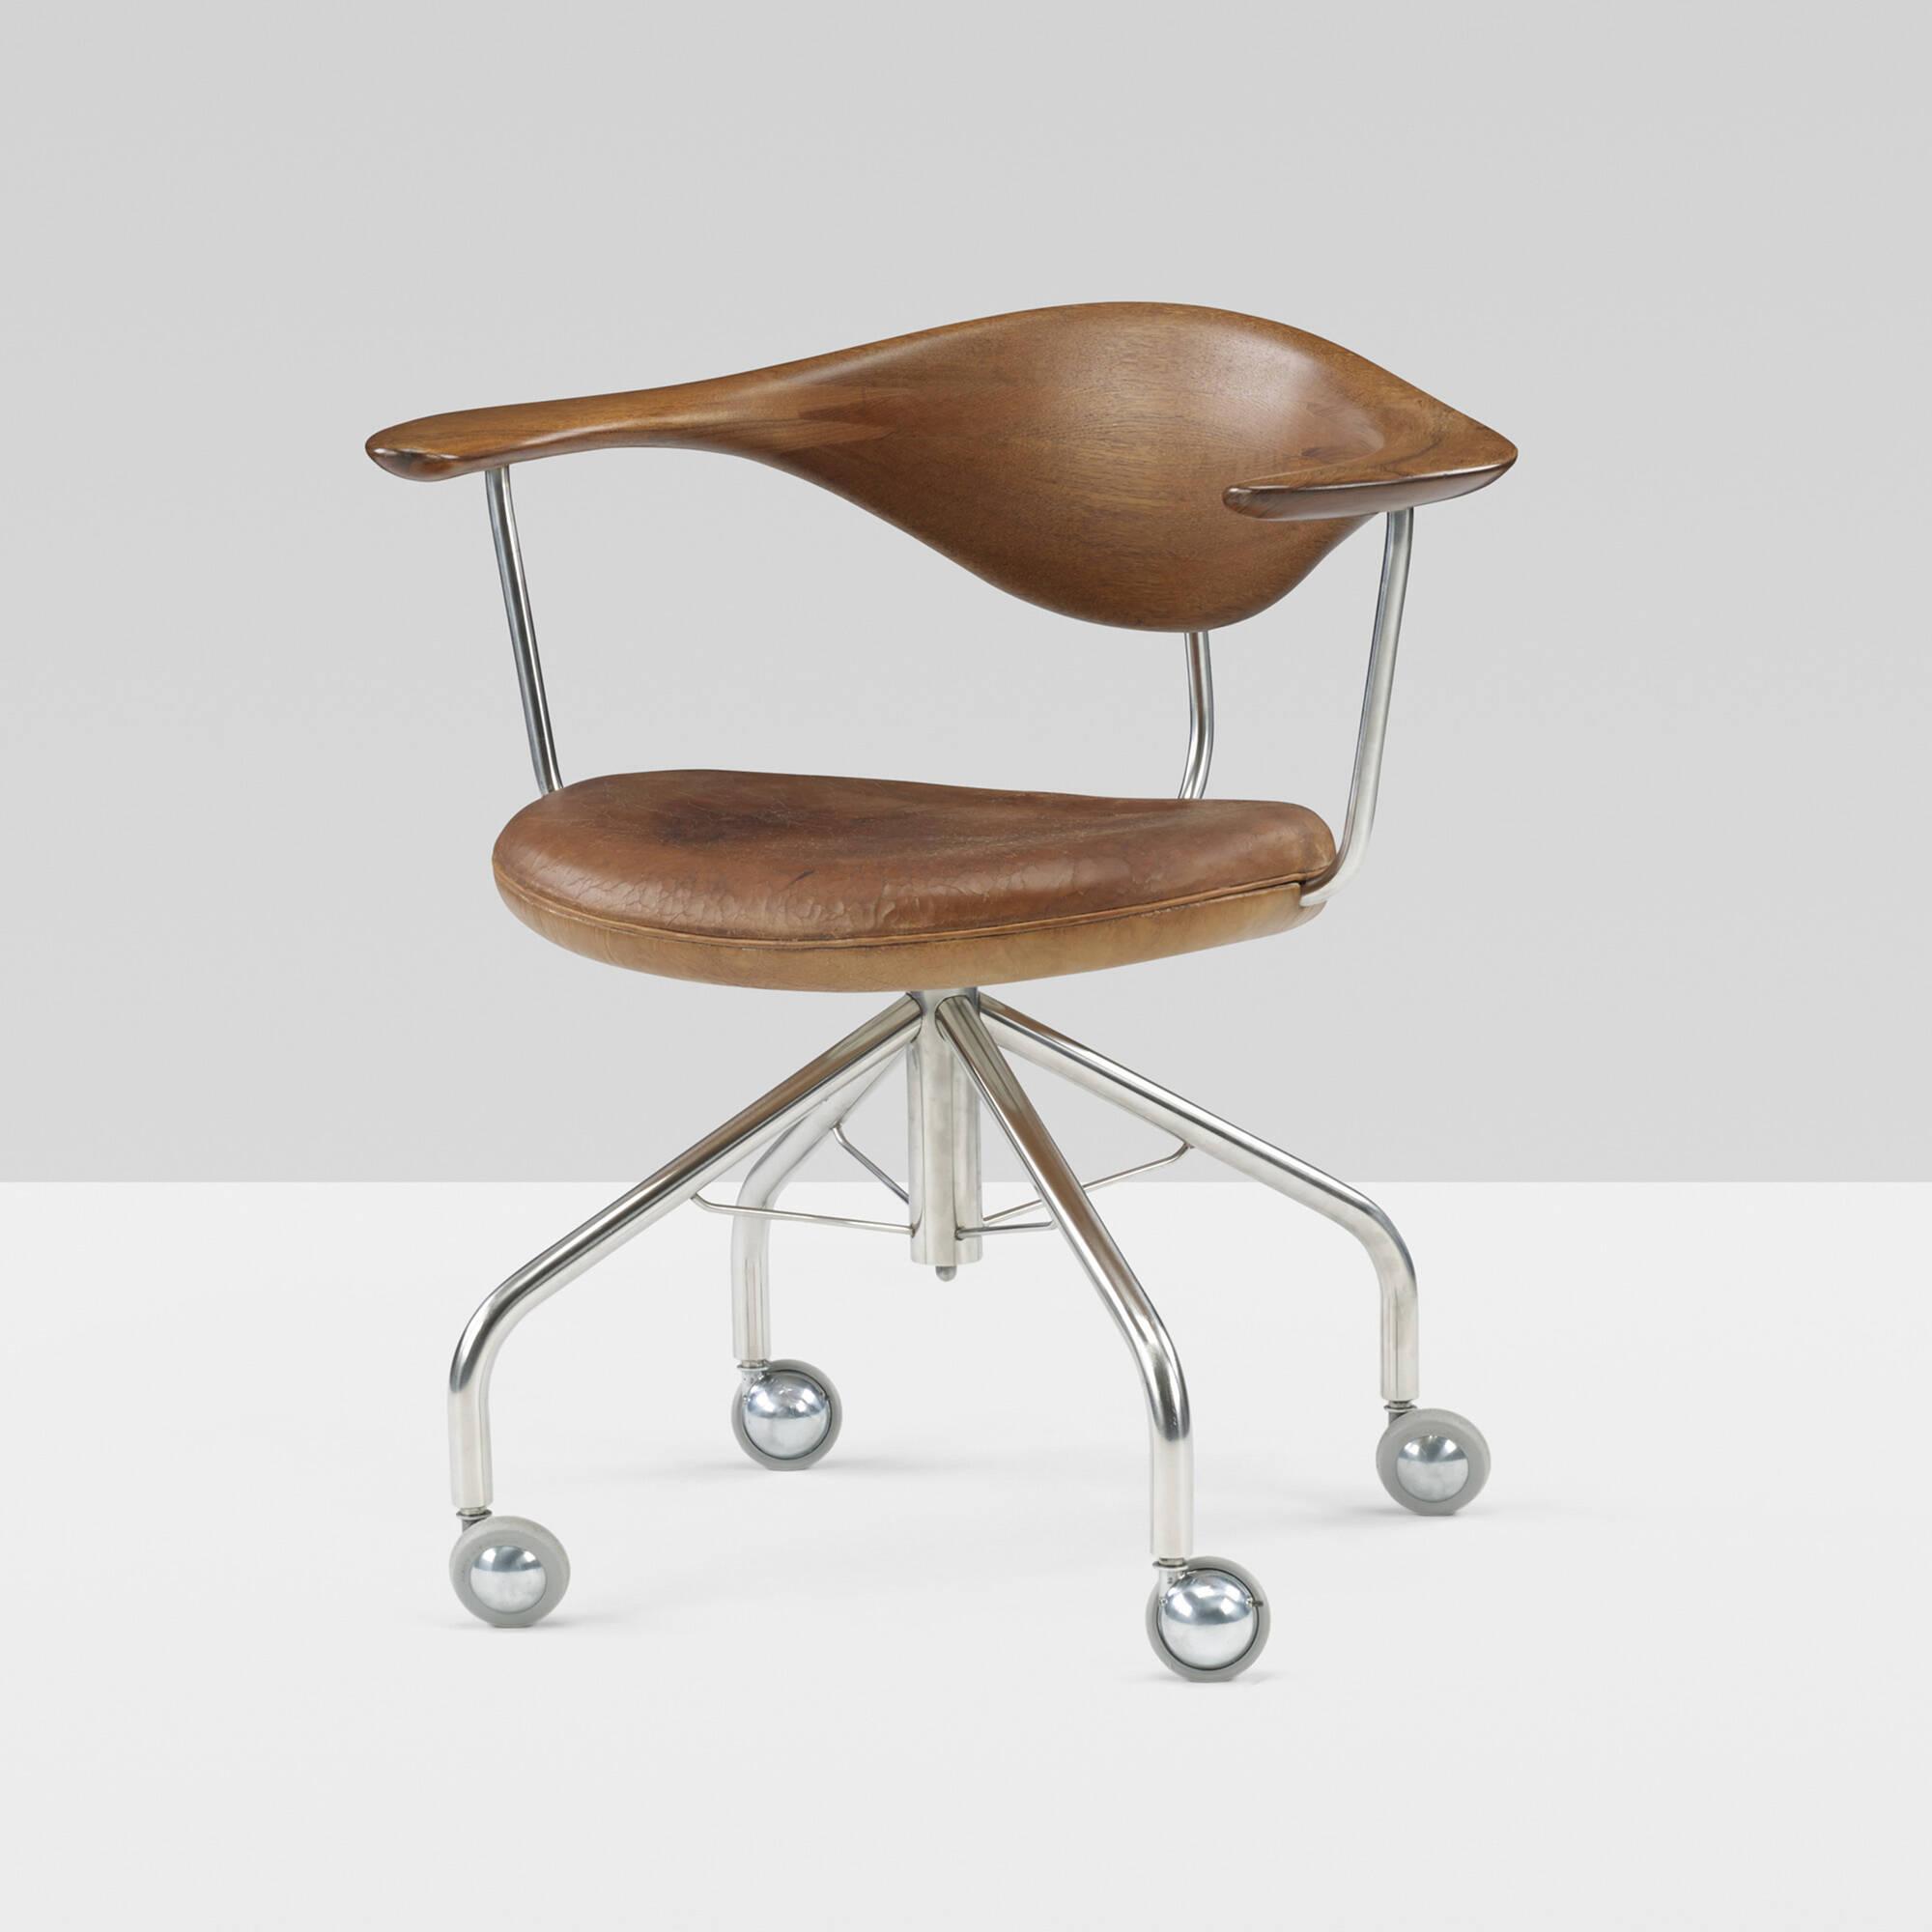 198: Hans J. Wegner / Swivel chair (2 of 9)